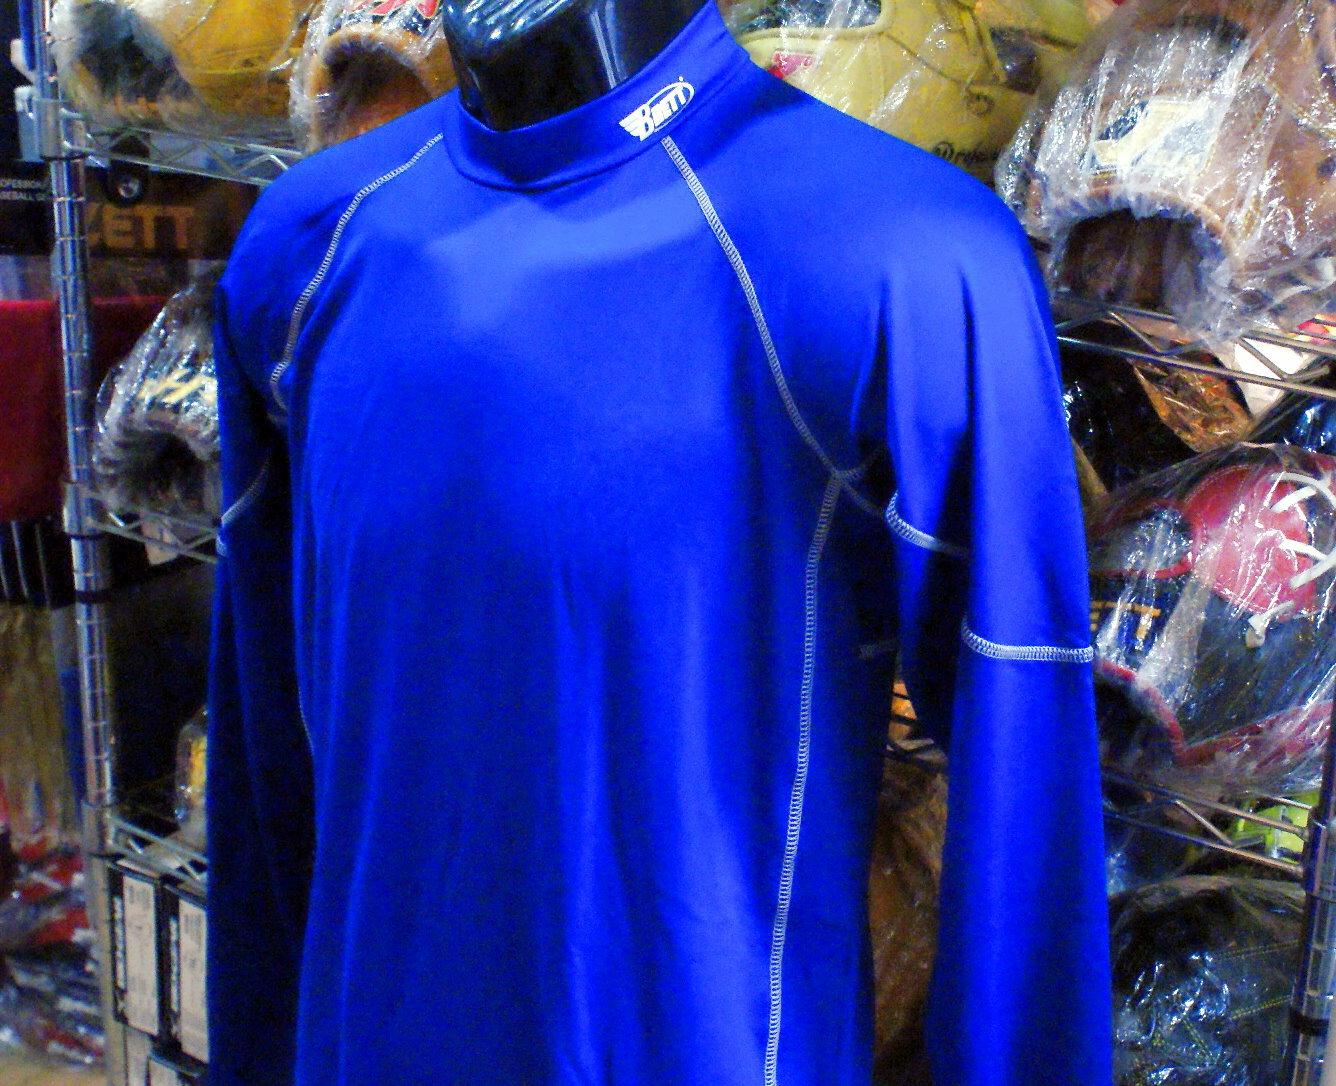 棒球世界 BRETT 新款3D棒壘專用長袖緊身衣 特價 寶藍色